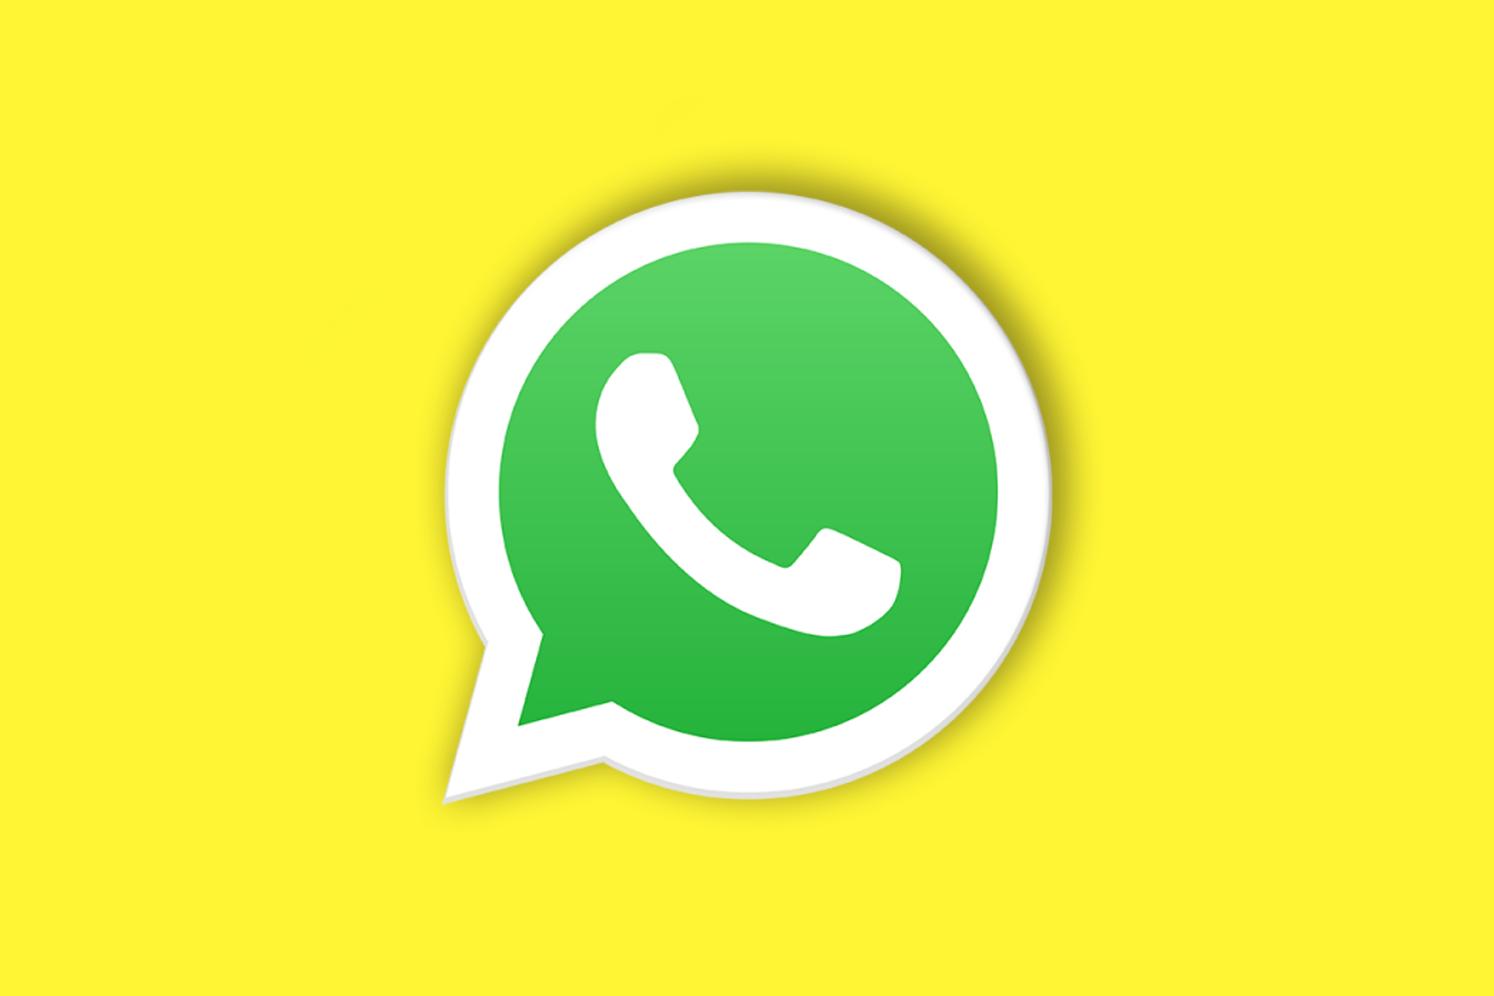 Los 15 Trucos De Whatsapp Que Debes Conocer Tecnologia A 15 minutines de madrid. 15 trucos de whatsapp que debes conocer